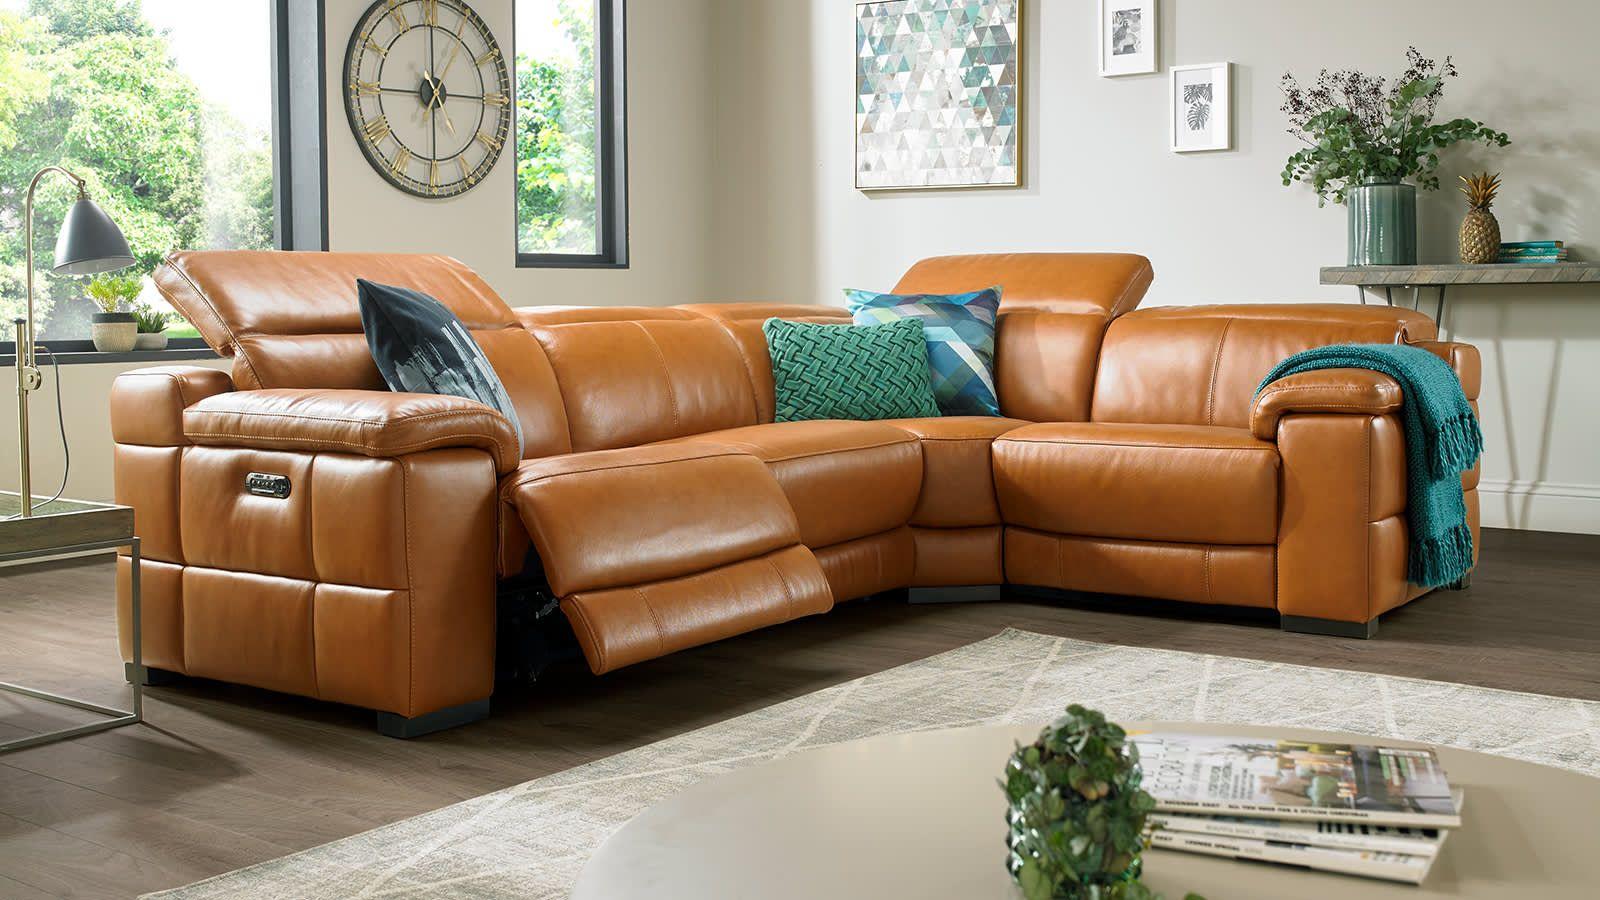 Leather Sofa Recliners Sofa Leather Sofa Reclining Sofa